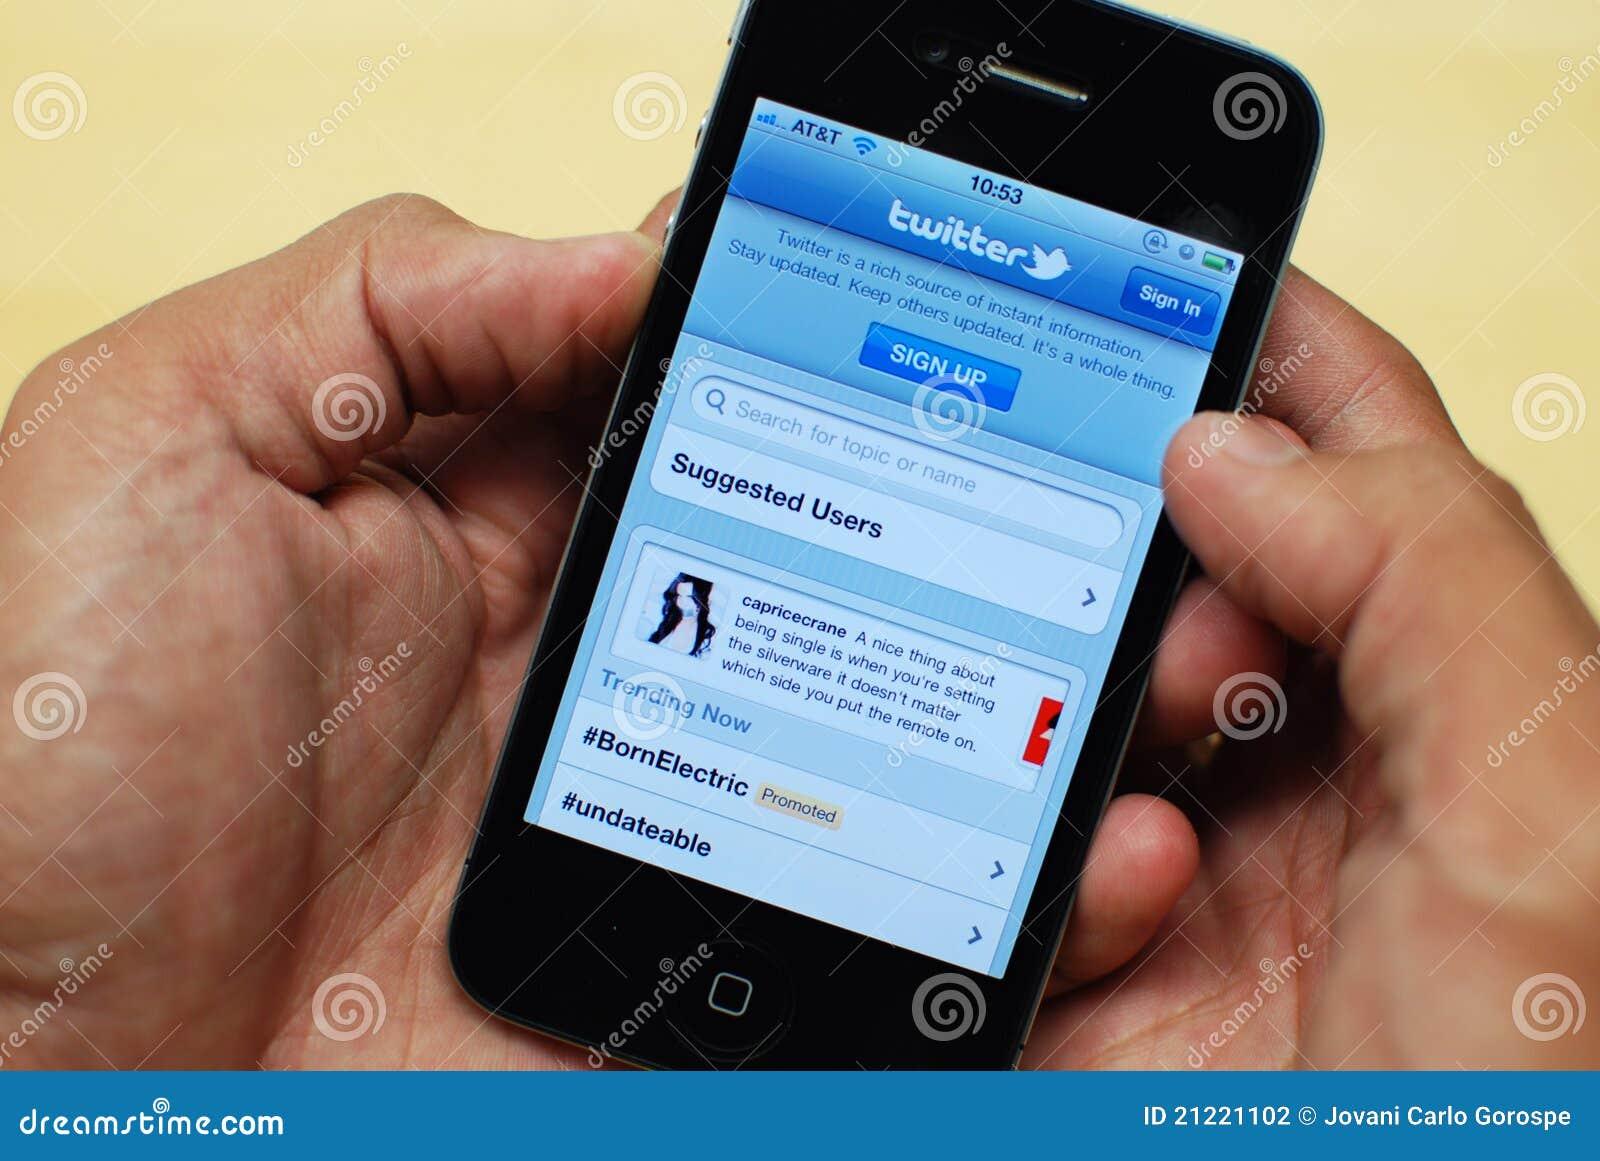 Gorjeo en el iPhone 4